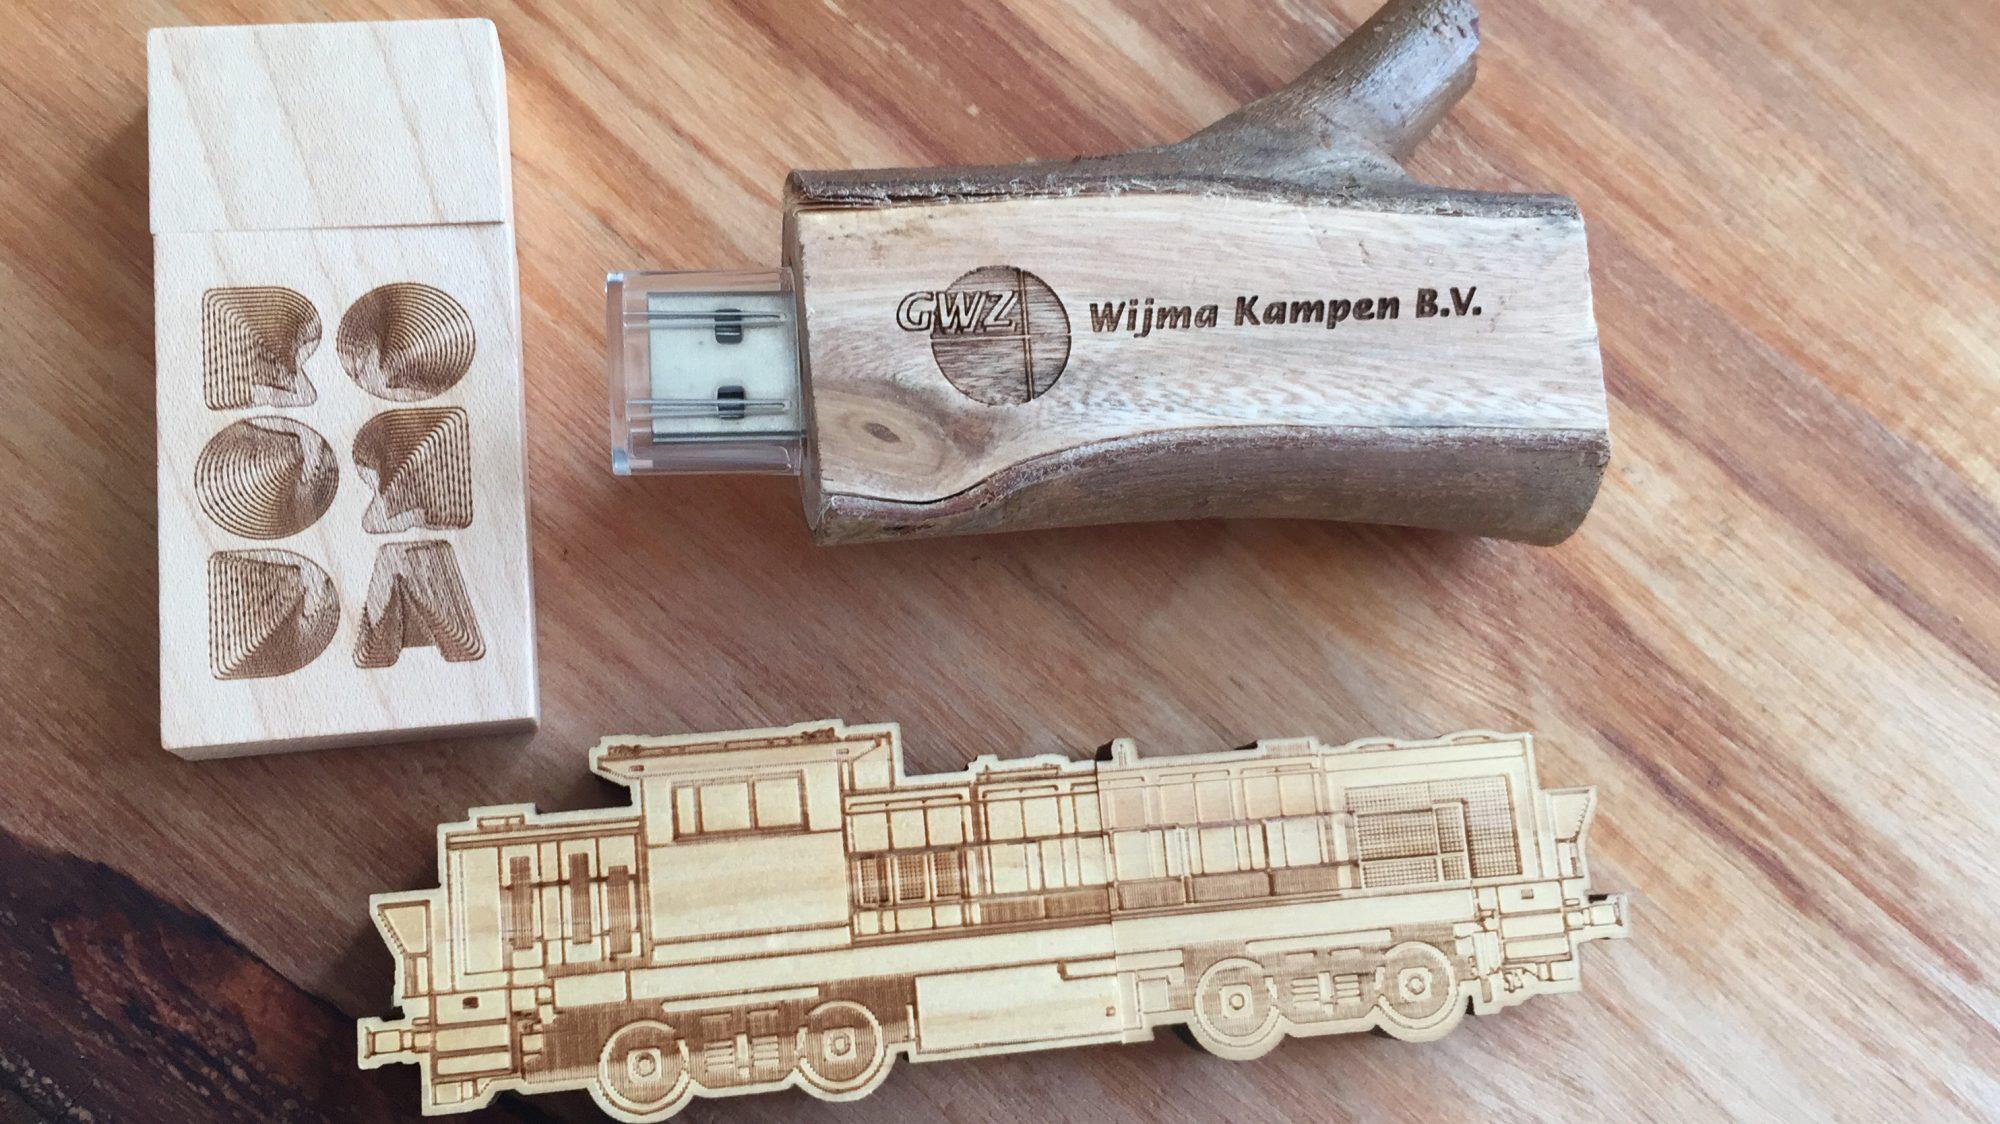 Voorbeeld hout gegraveerde USB sticks